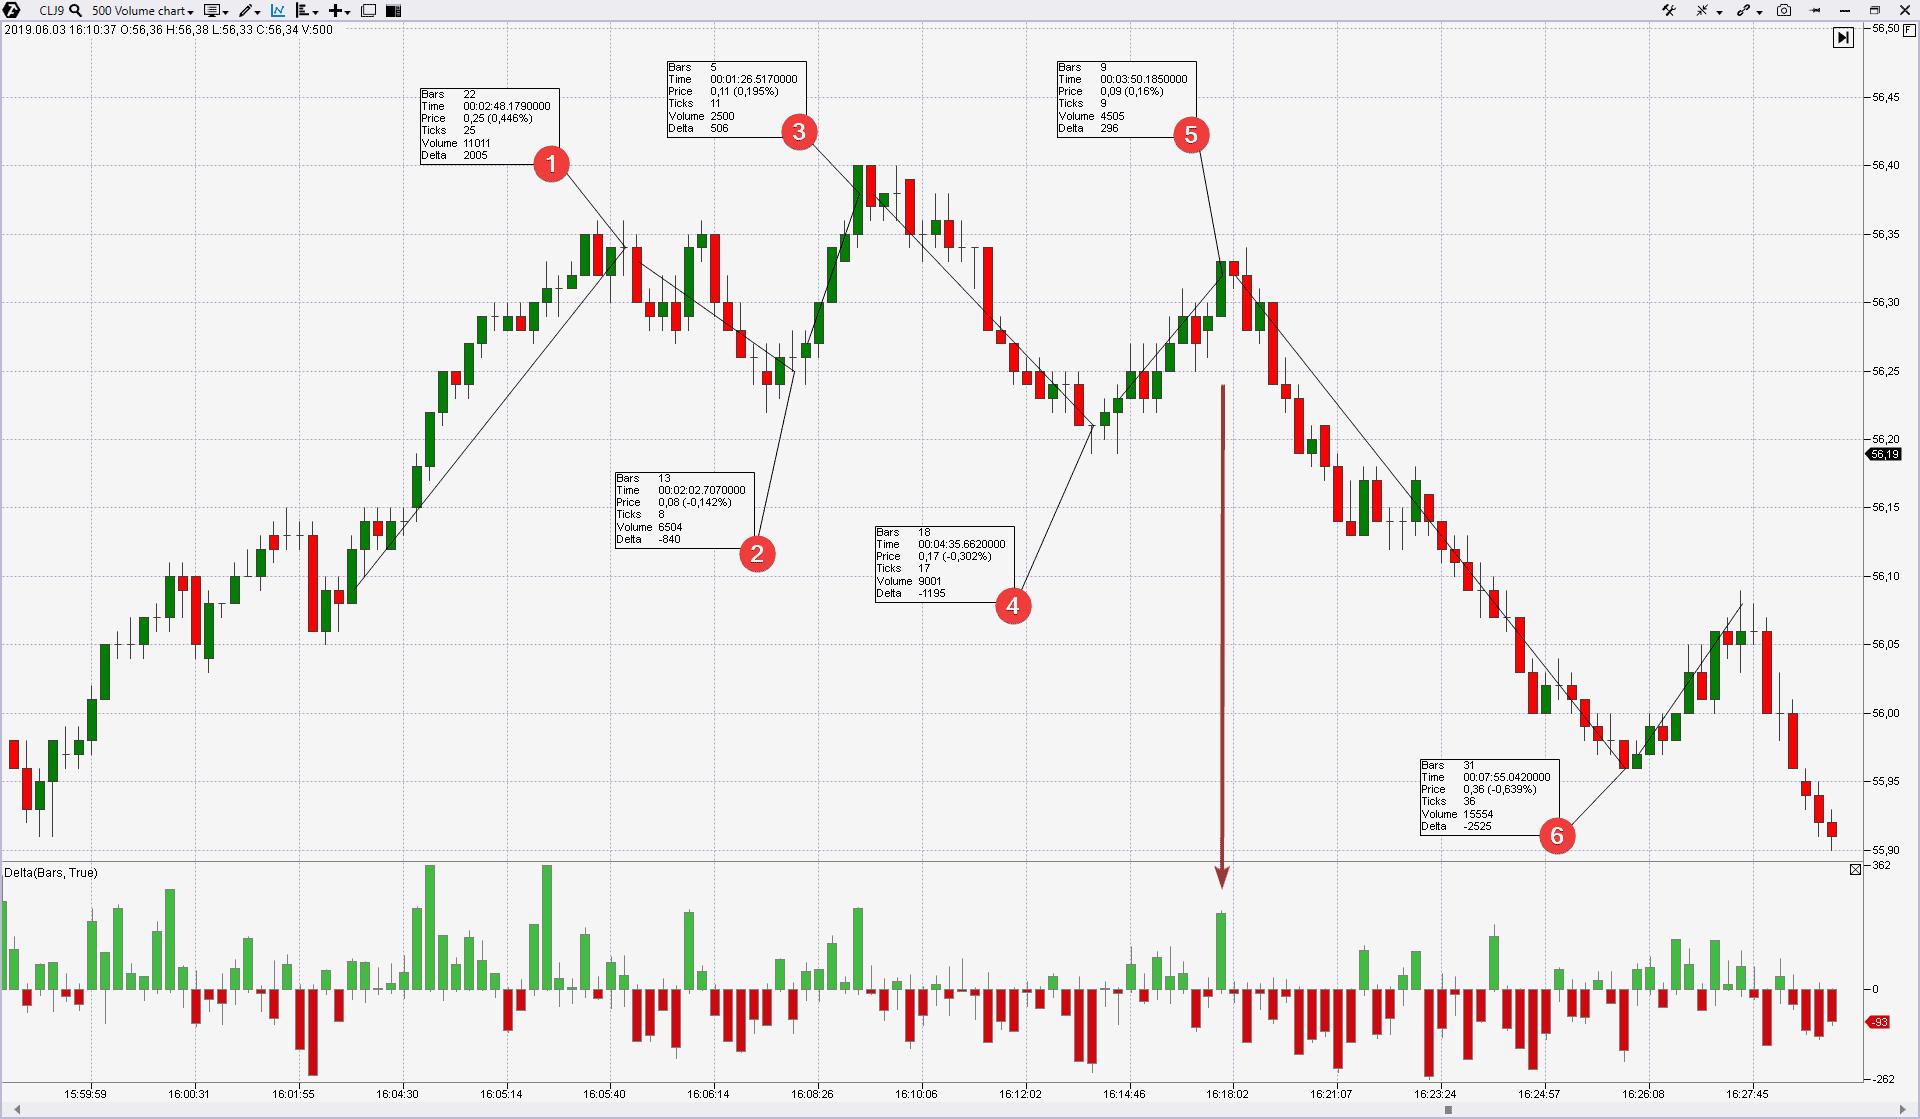 How to analyze